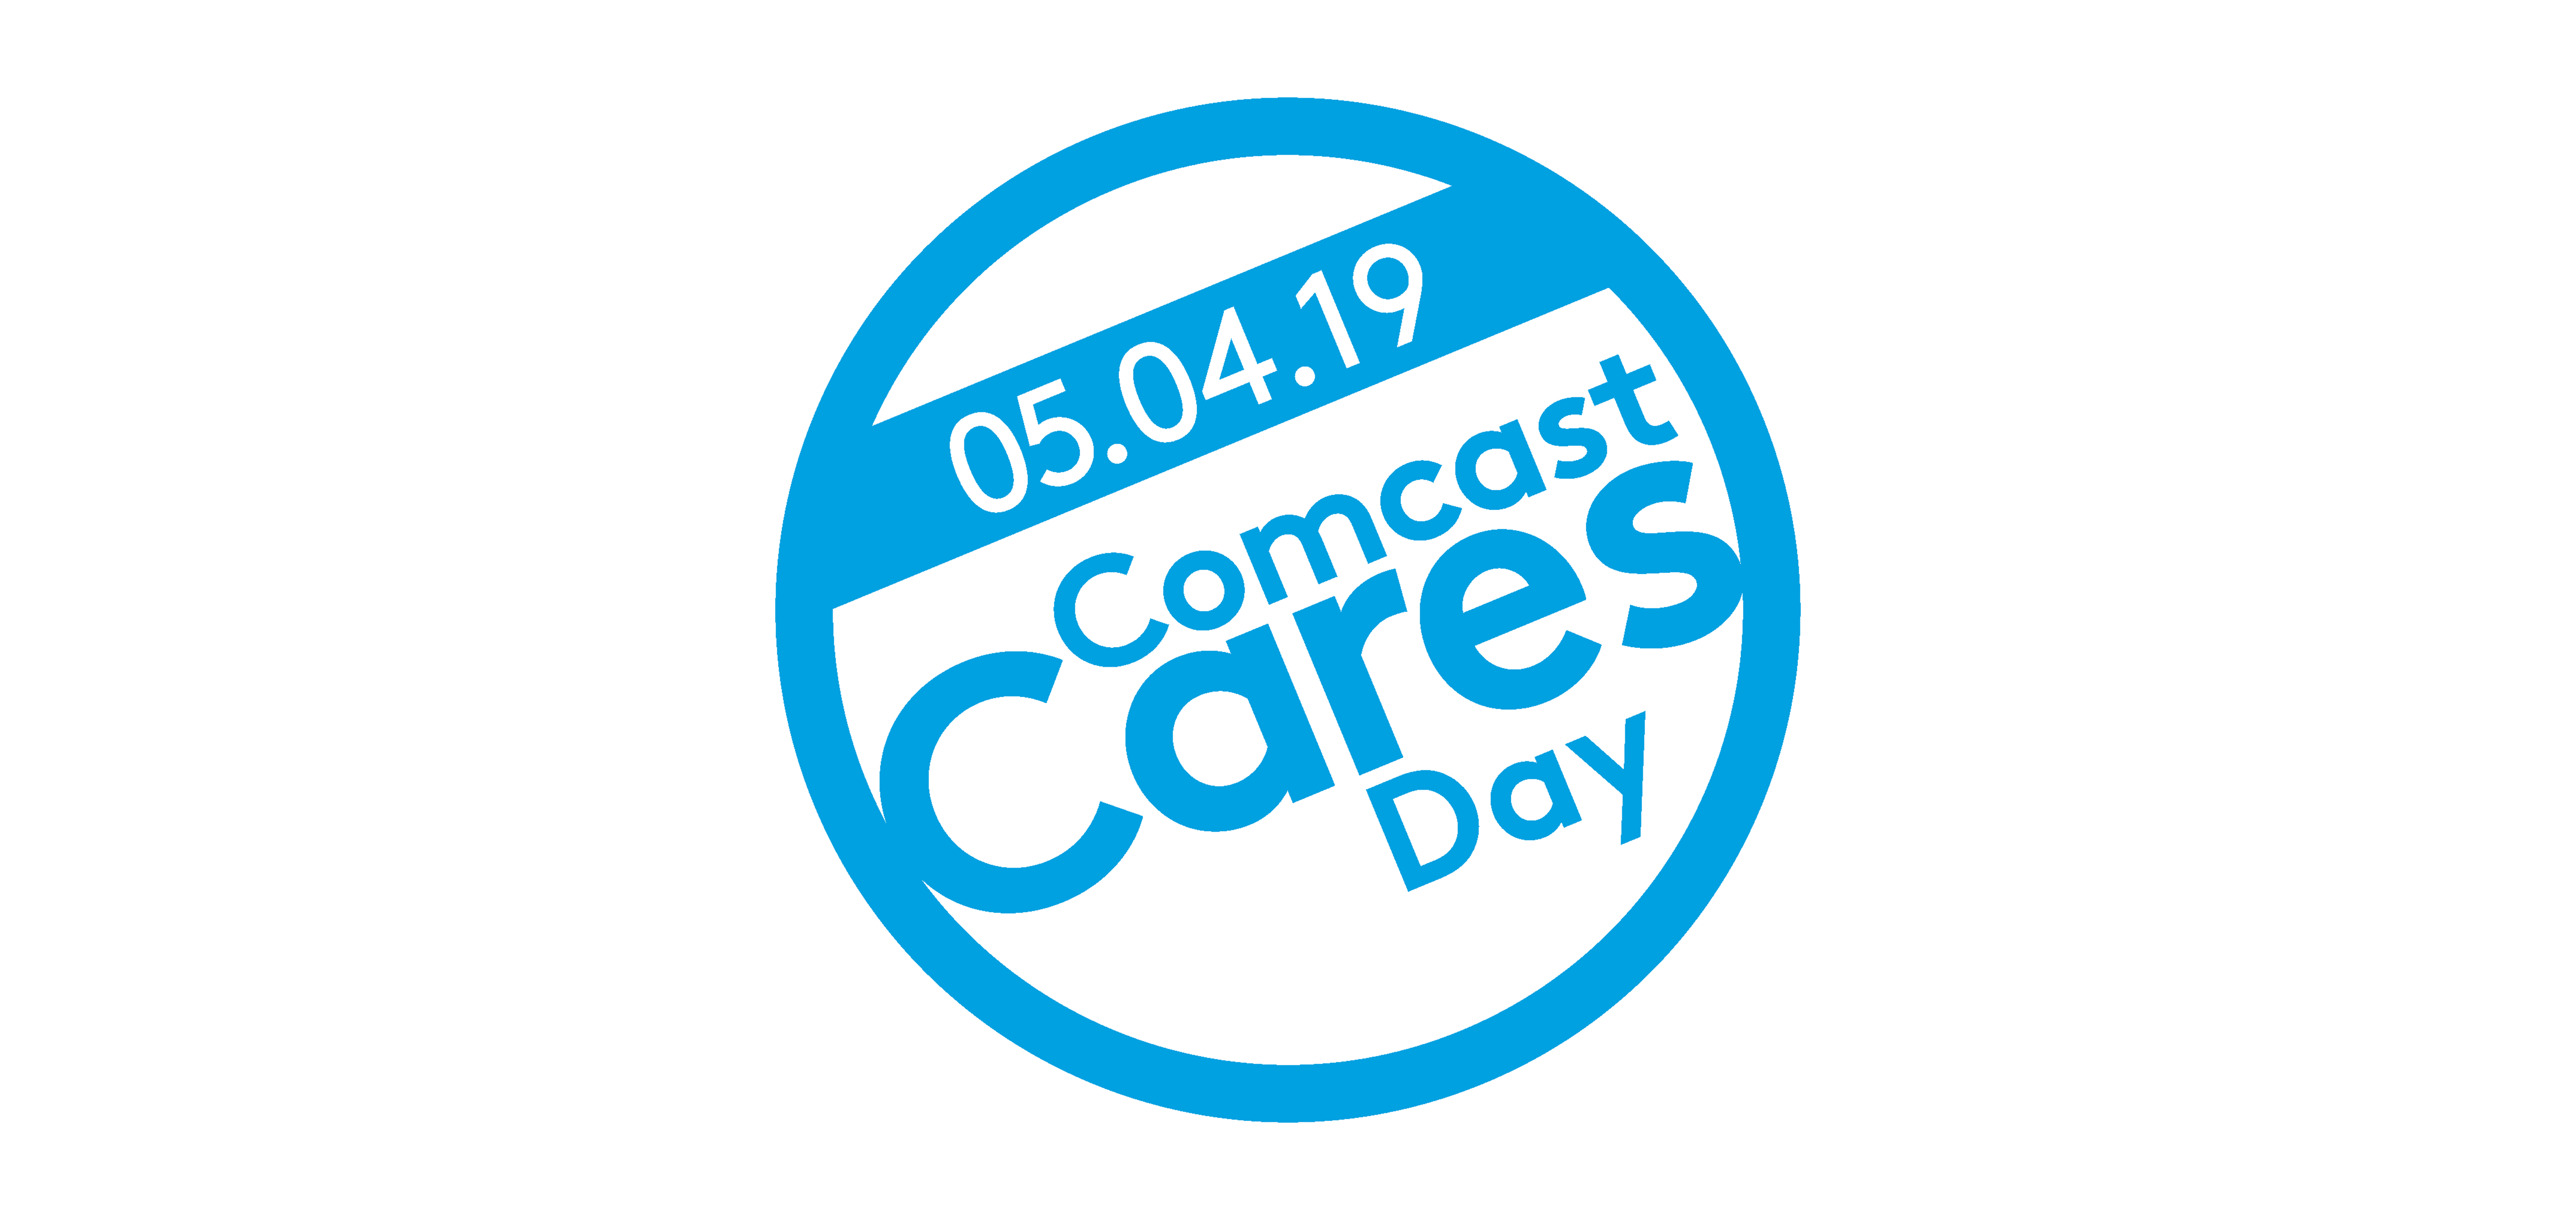 The Comcast Cares Day logo.